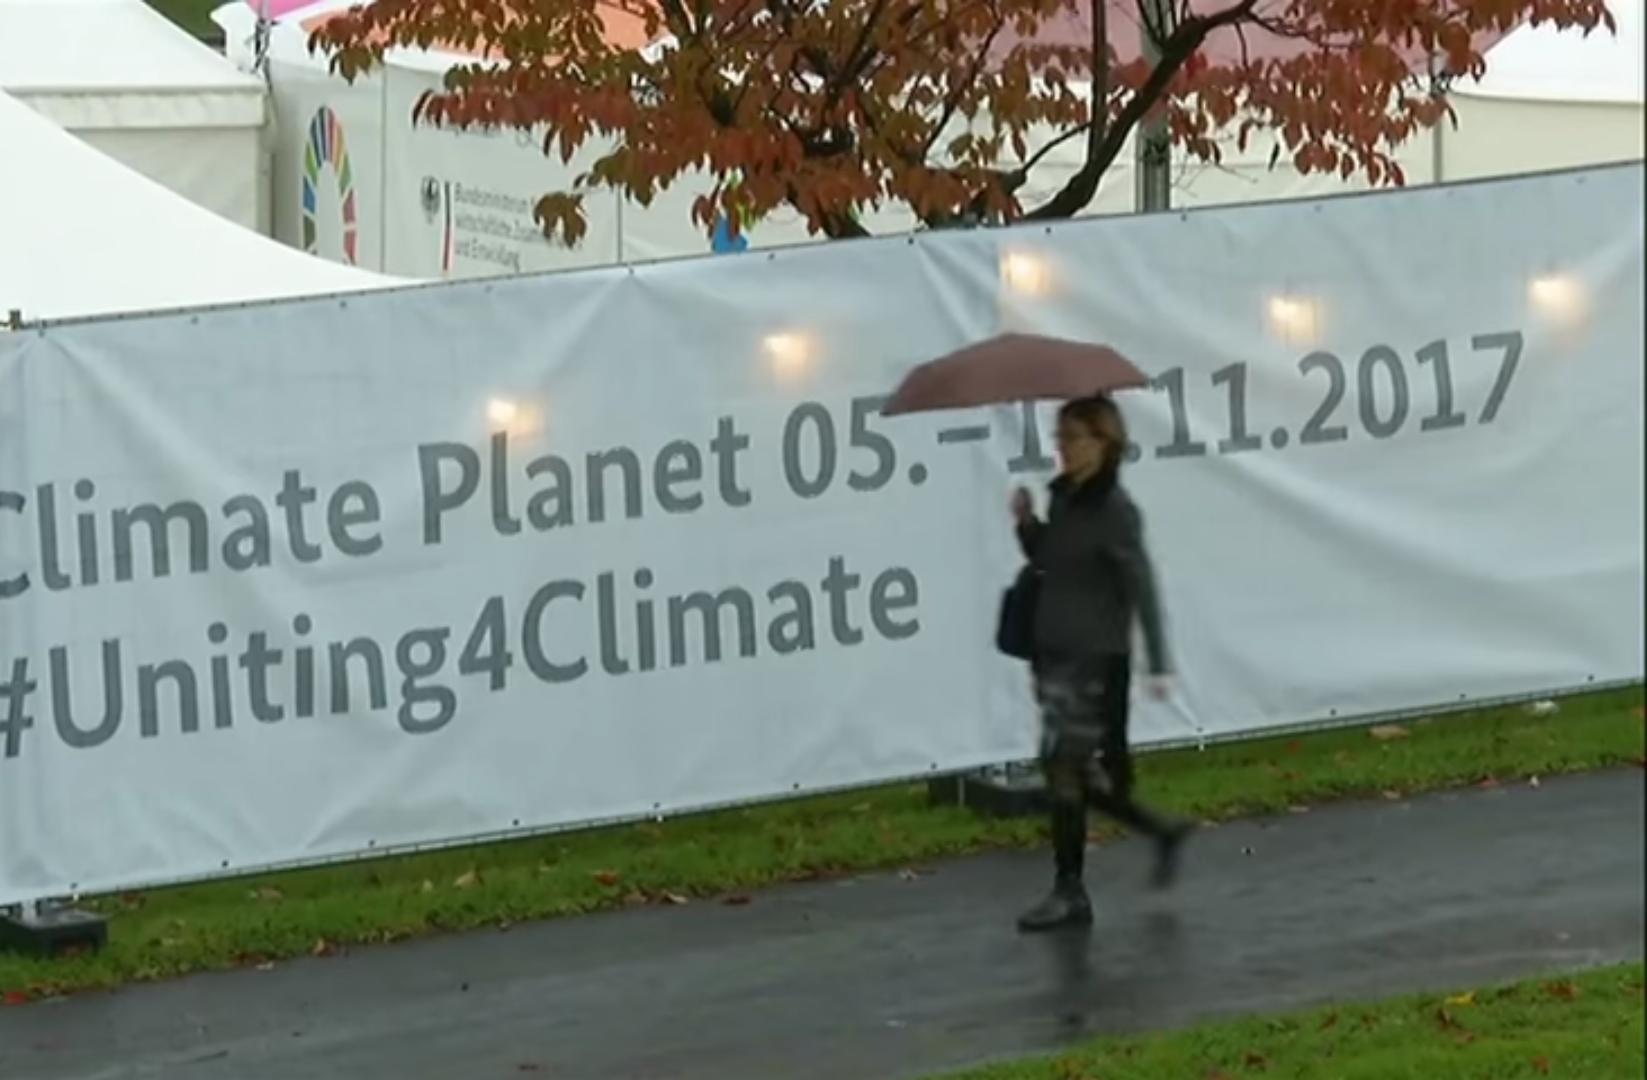 افتتاح قمة المناخ 23 في ألمانيا ودعوات لمكافحة الاحتباس الحراري